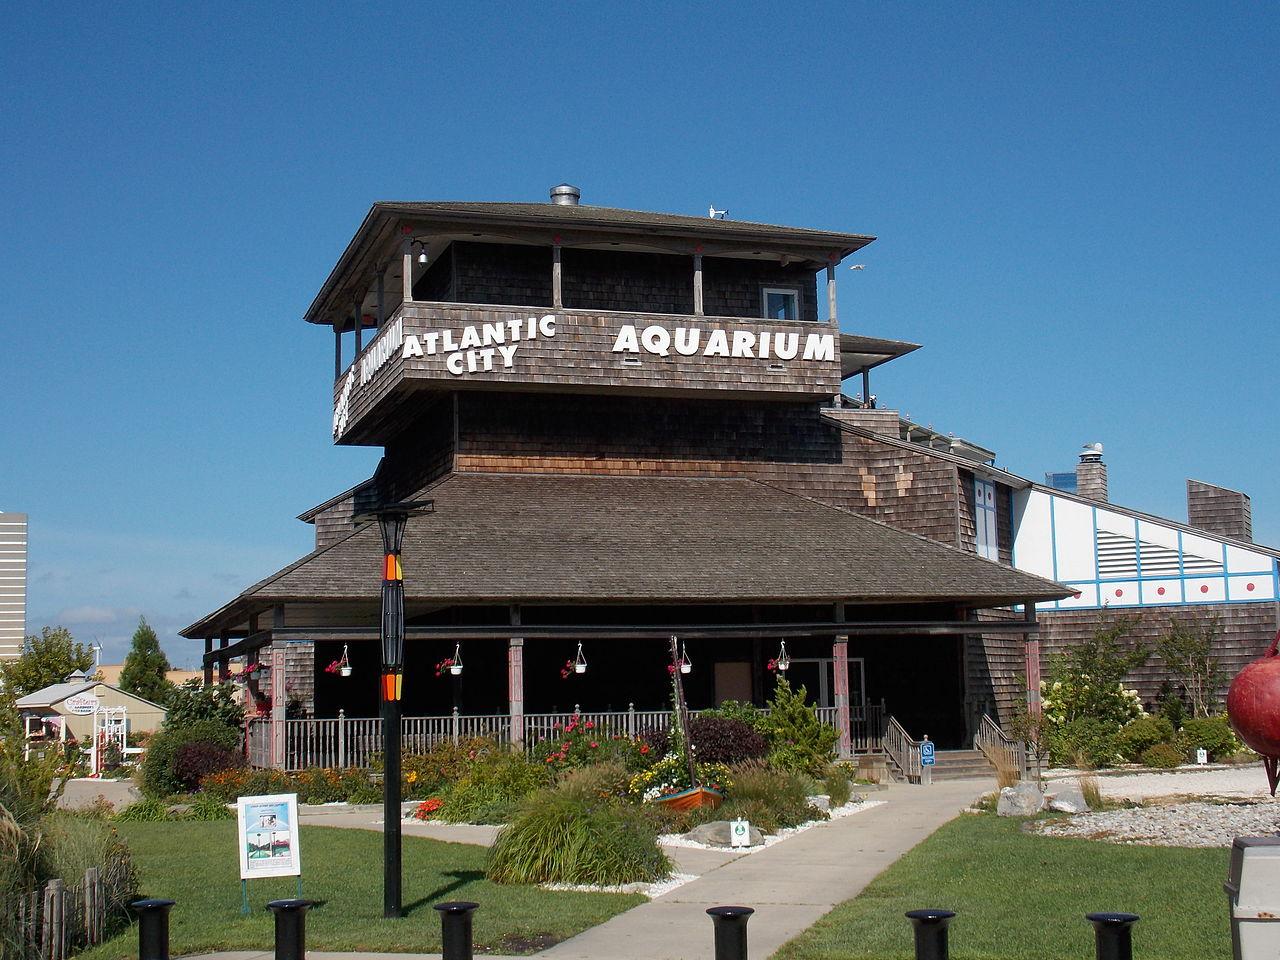 Atlantic City Aquarium -Amazing Attraction to Visit in Atlantic City